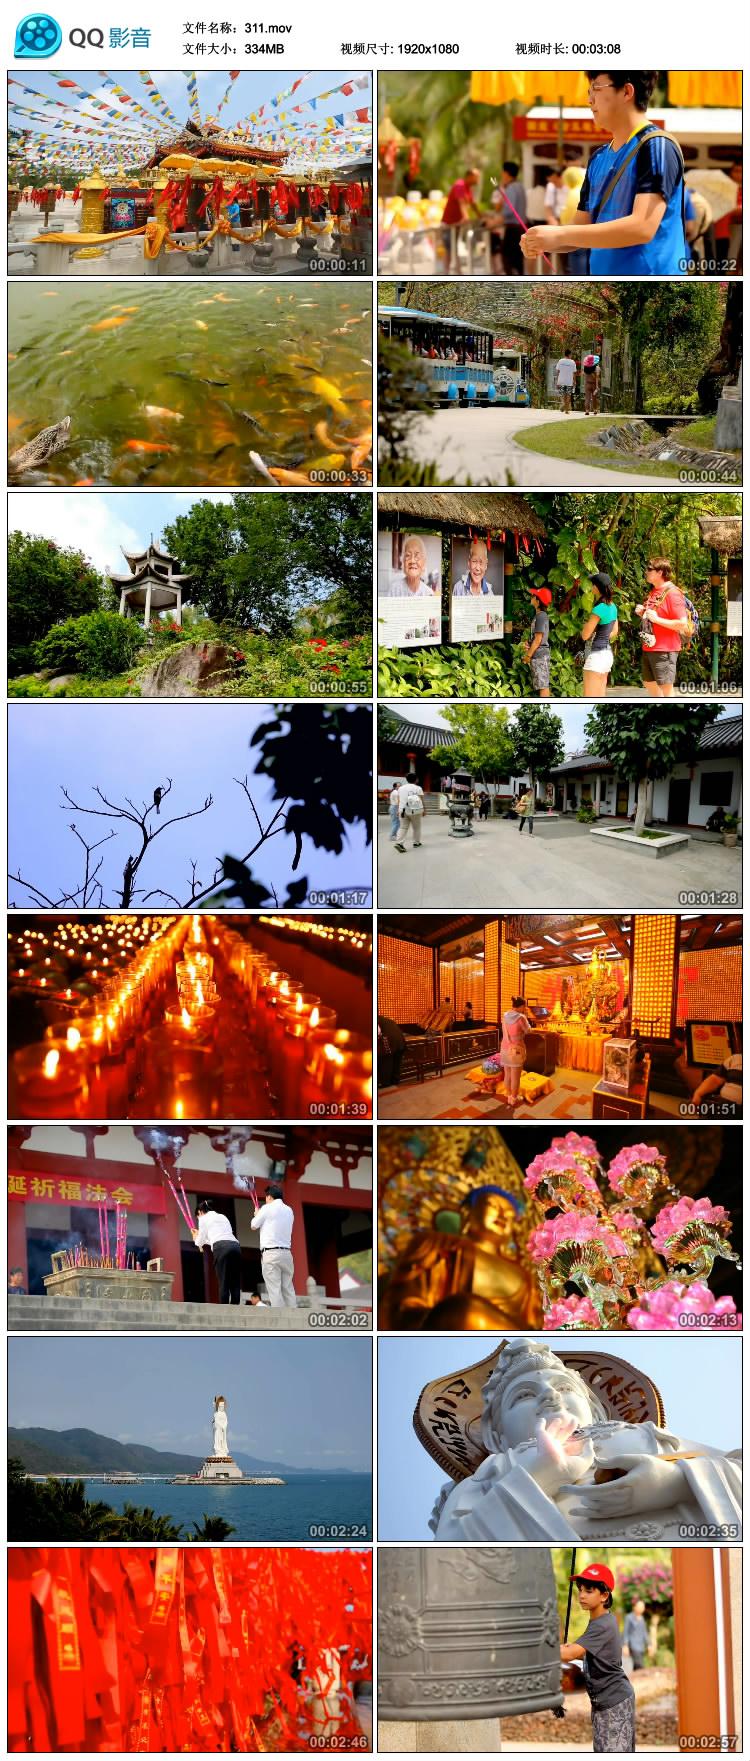 海南三亚旅游观光景点风土习俗实拍高清视频素材